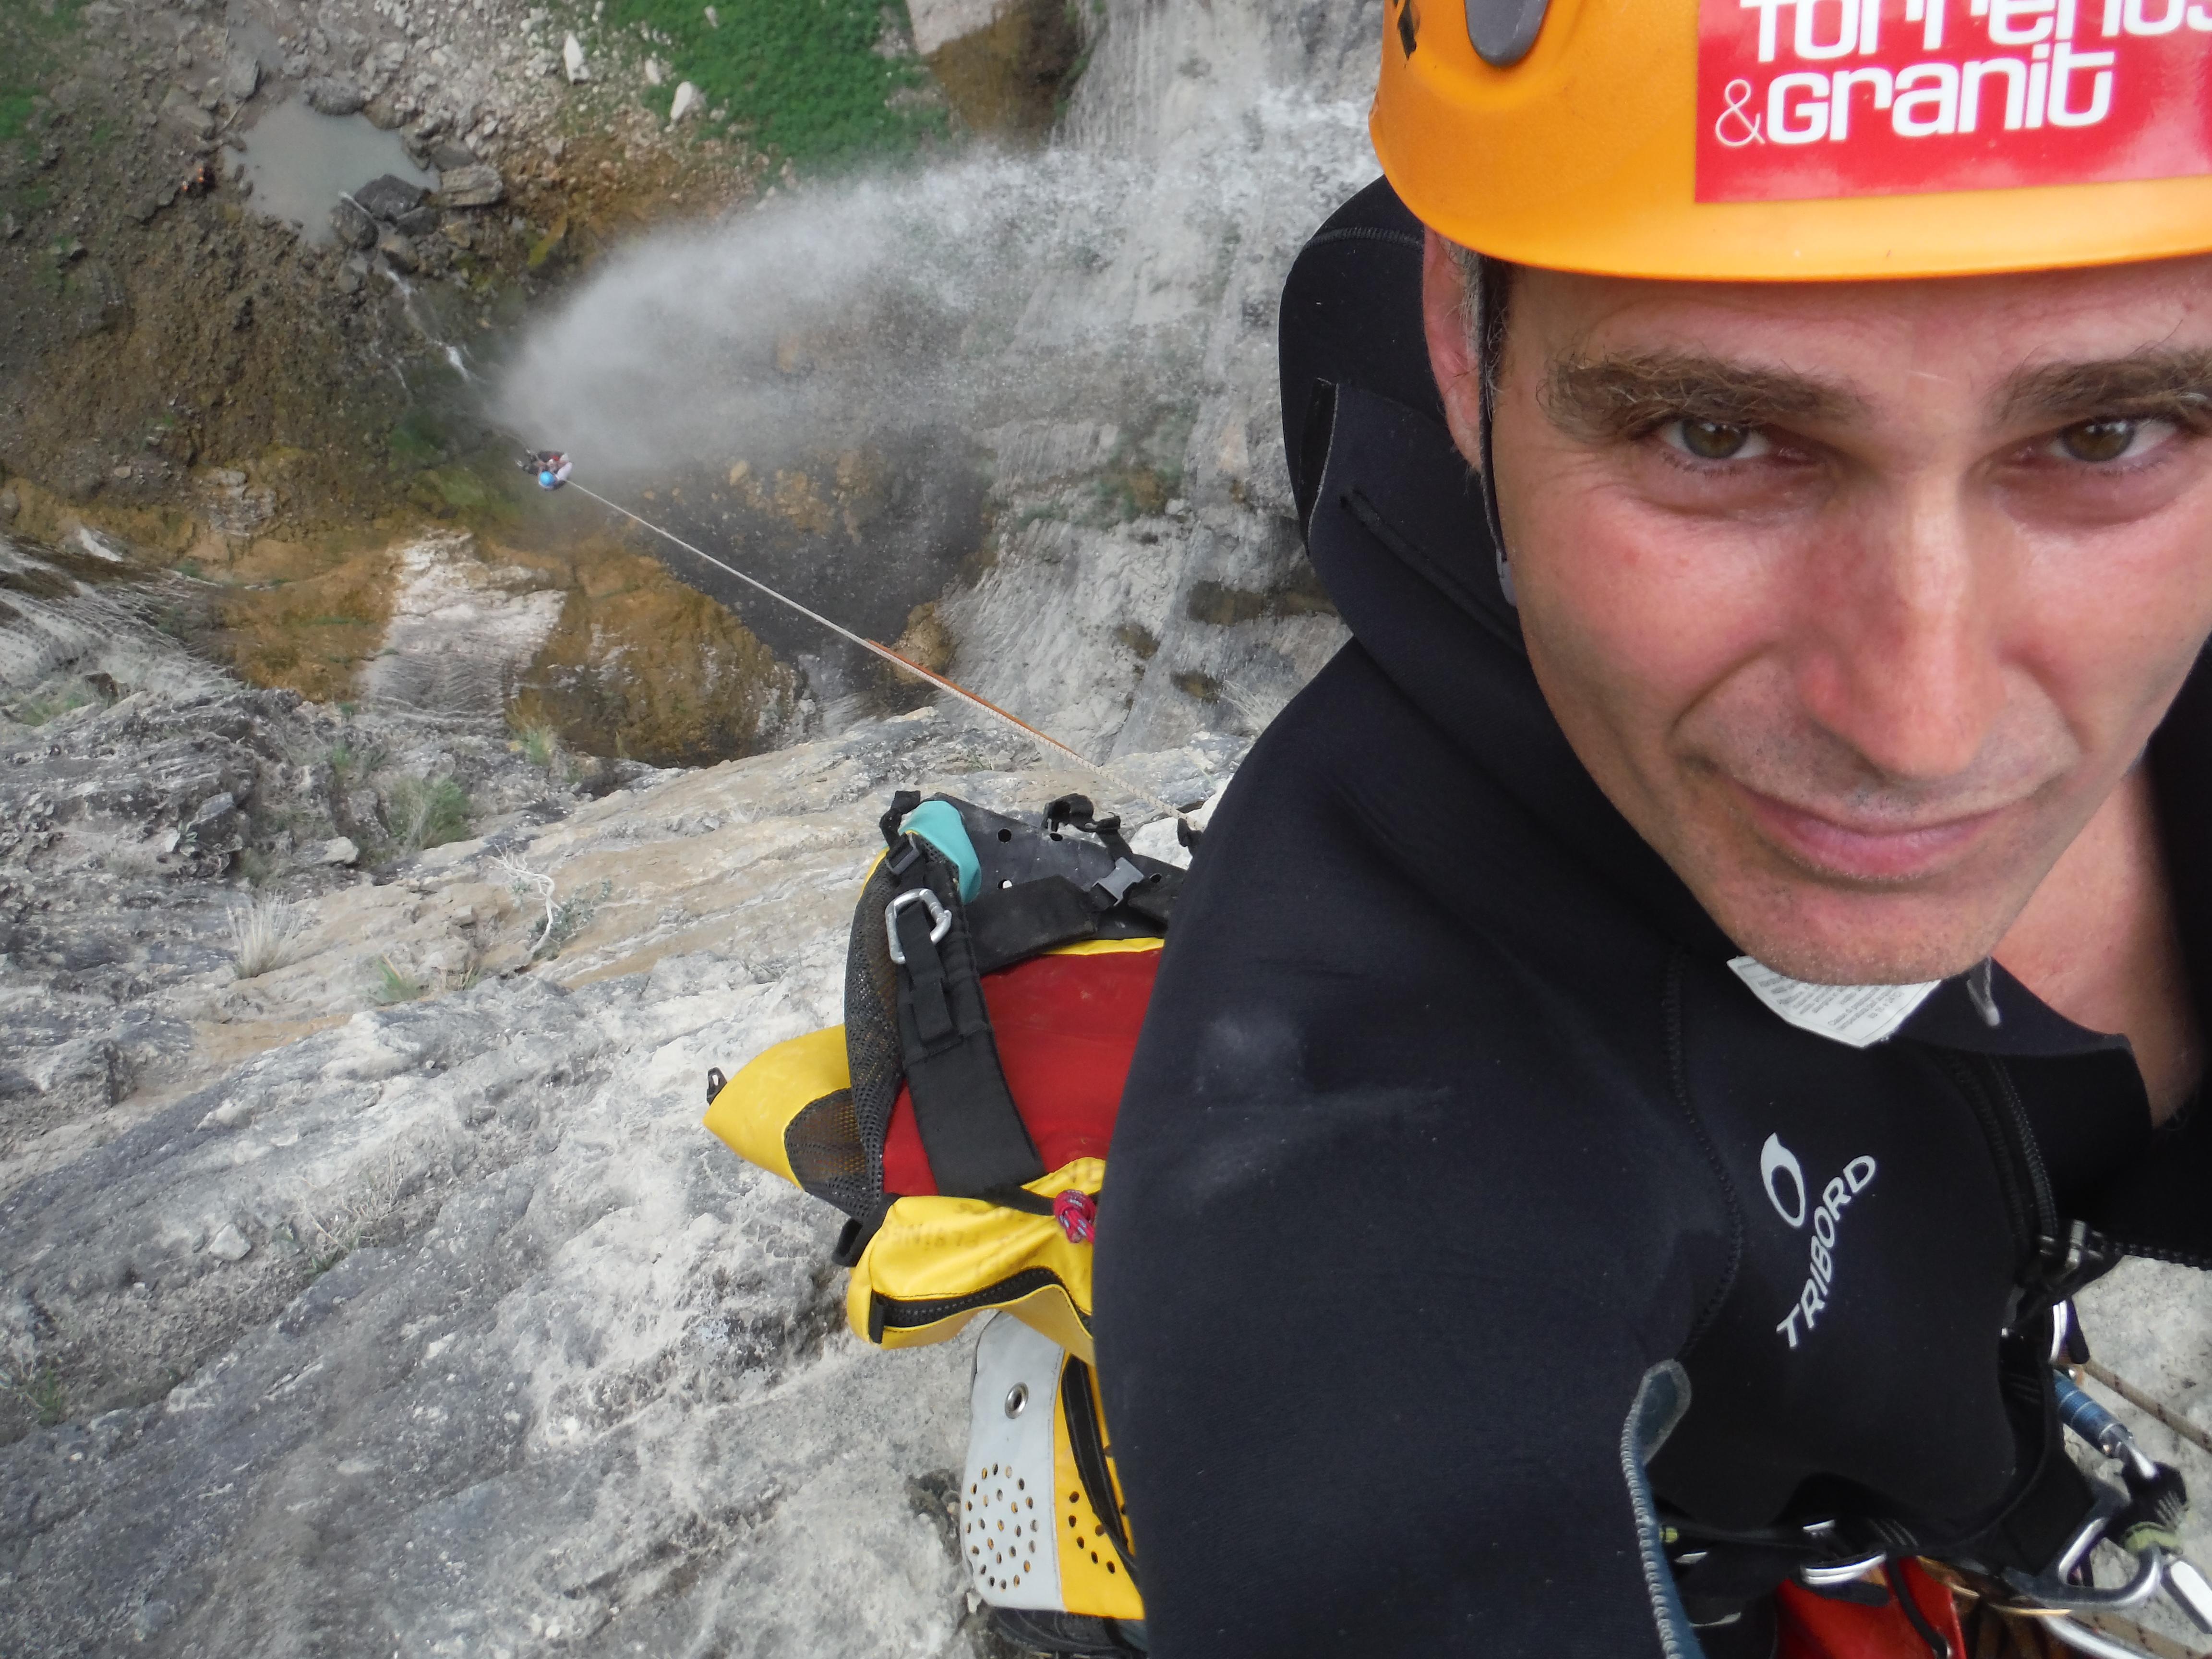 Sommet de la cascade de Craopnoze , mon clien est encore sur la corde .. si si regardez bien